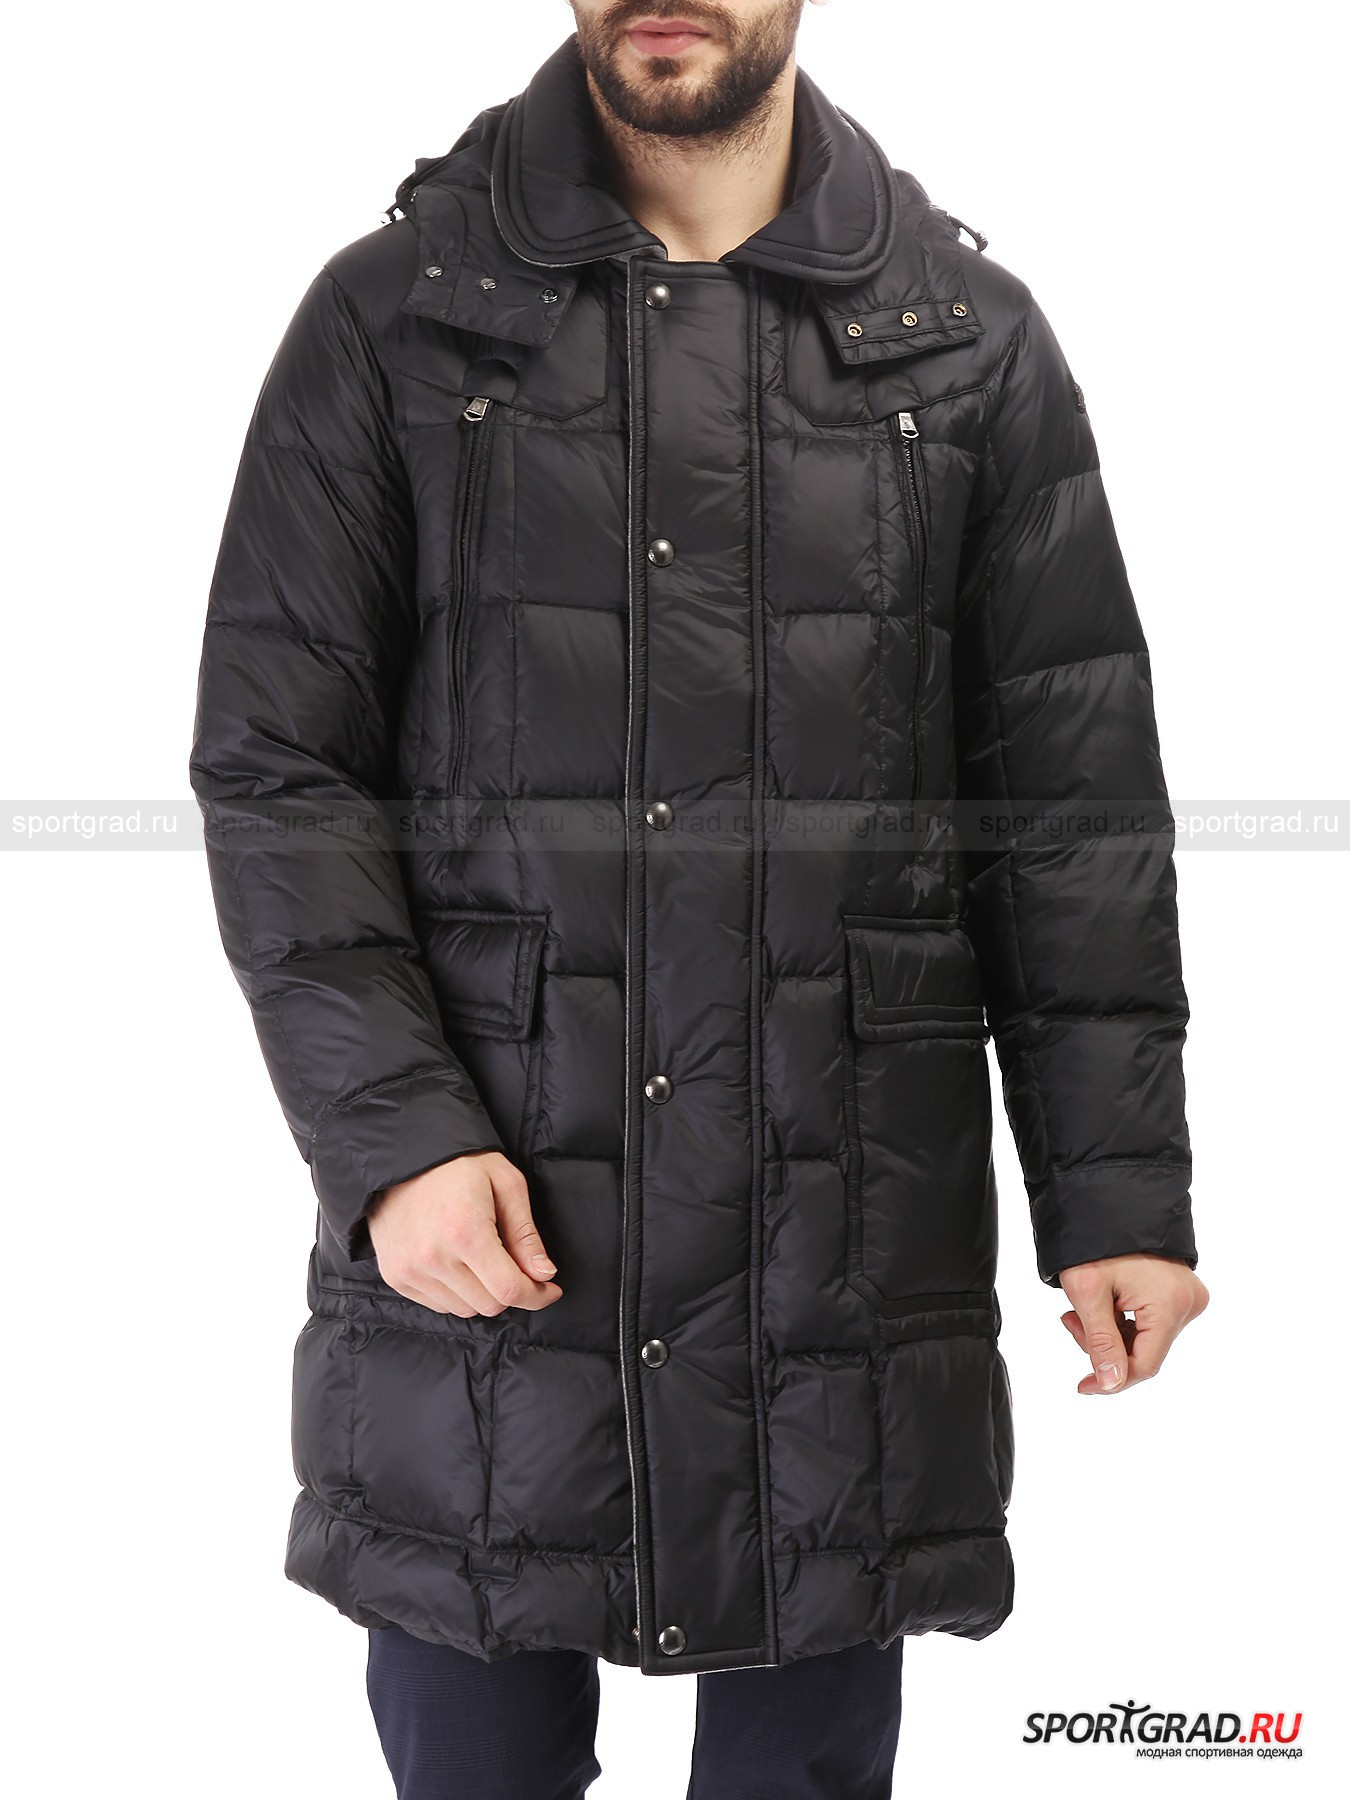 Пальто пуховое мужское MARINA YACHTINGКуртки<br>Длинное мужское пальто от Marina Yachting – ваше спасение в морозы. Под такое пальто можно надеть даже тонкие брюки, ведь оно в зависимости от роста может доходить до колен, надежно защищая от ветра и согревая благодаря натуральному наполнителю пух/перо.<br><br>Такое пальто пригодится всем, кто любит зимой совершать долгие прогулки или по какой-то другой причине вынужден долго находиться на улице.  Множество карманом позволит взять с собой все необходимые мелочи, не используя сумку. <br><br>Особенности модели:<br>- большой отстегивающийся капюшон с утяжкой;<br>- отложной воротник с шерстяной подкладкой;<br>- фронтальная молния с двумя бегунками;<br>- планка на кнопках поверх молнии, также с шерстяной изнанкой;<br>- четыре кармана снаружи и один внутри;<br>- традиционная нашивка-парус на плече.<br><br>Пол: Мужской<br>Возраст: Взрослый<br>Тип: Куртки<br>Рекомендации по уходу: нельзя стирать, отбеливать, гладить; разрешена сухая химическая чистка<br>Состав: материал верха 100% полиамид; подкладка 100% полиэстер; вставки 80% шерсть, 20% полиамид; наполнитель 80% пух, 20% перо